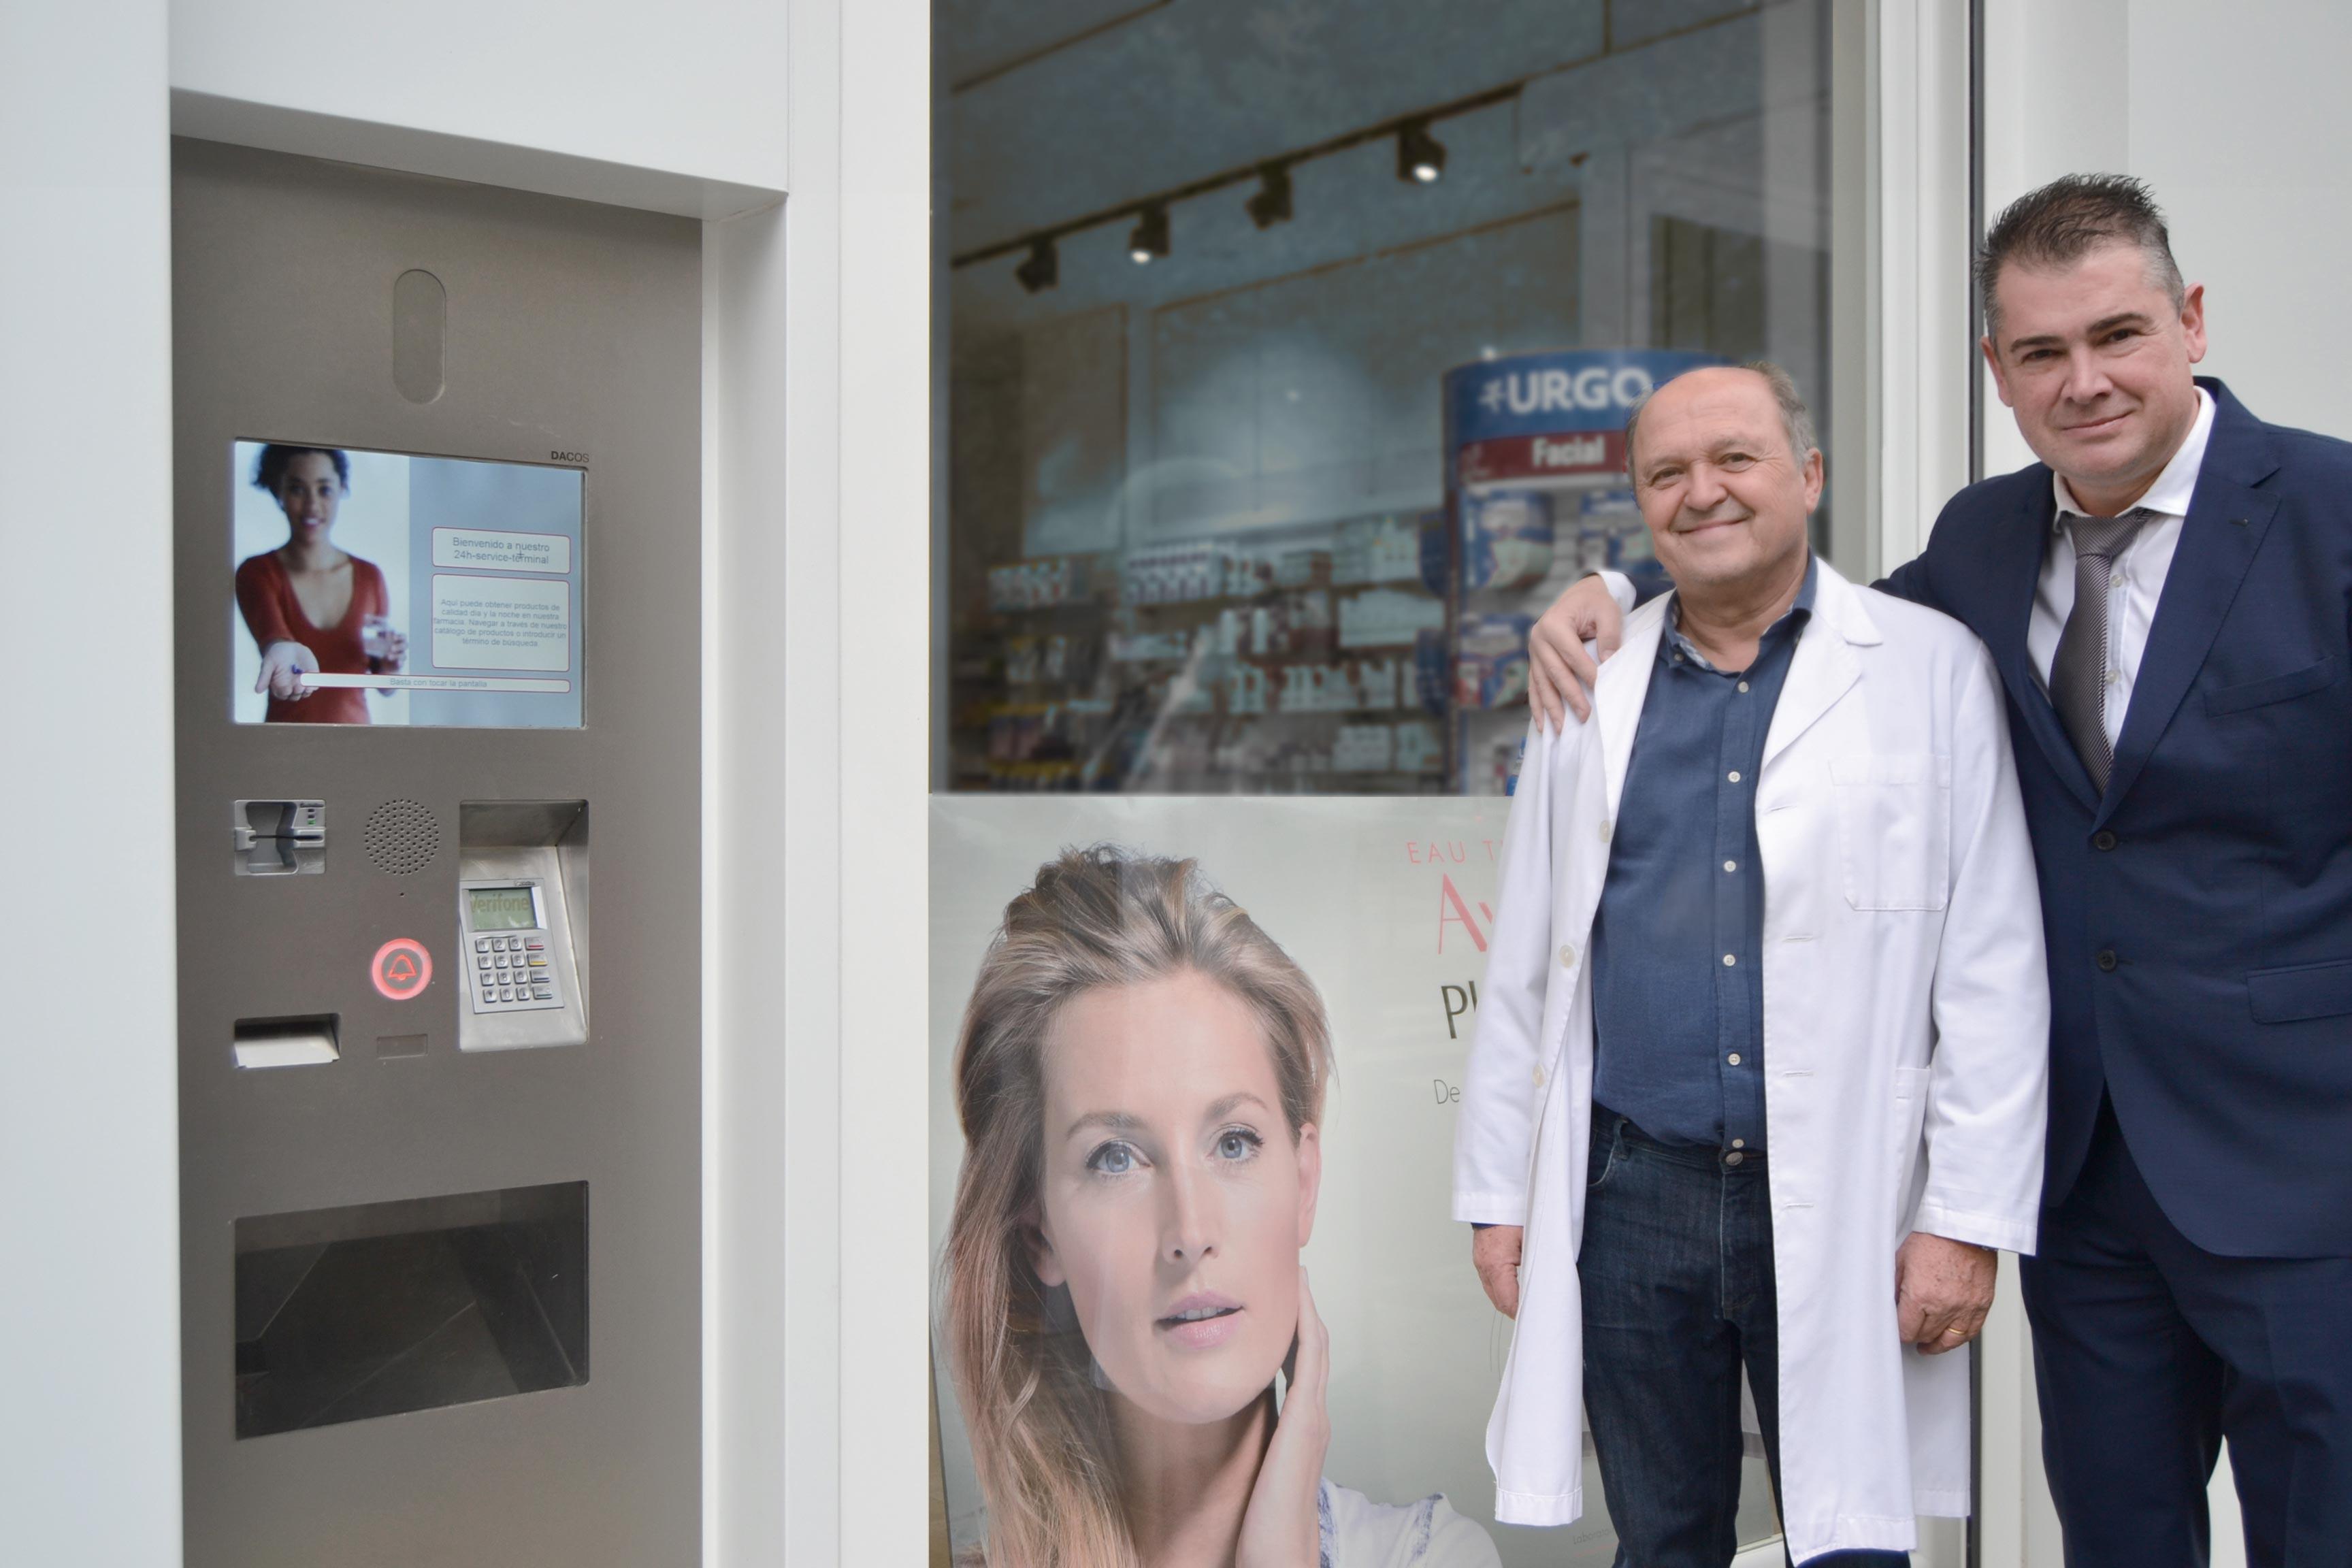 Foto: Heliodoro Collado, titular de la farmacia, y Juan Mirabet, de KLS Pharma Robotics